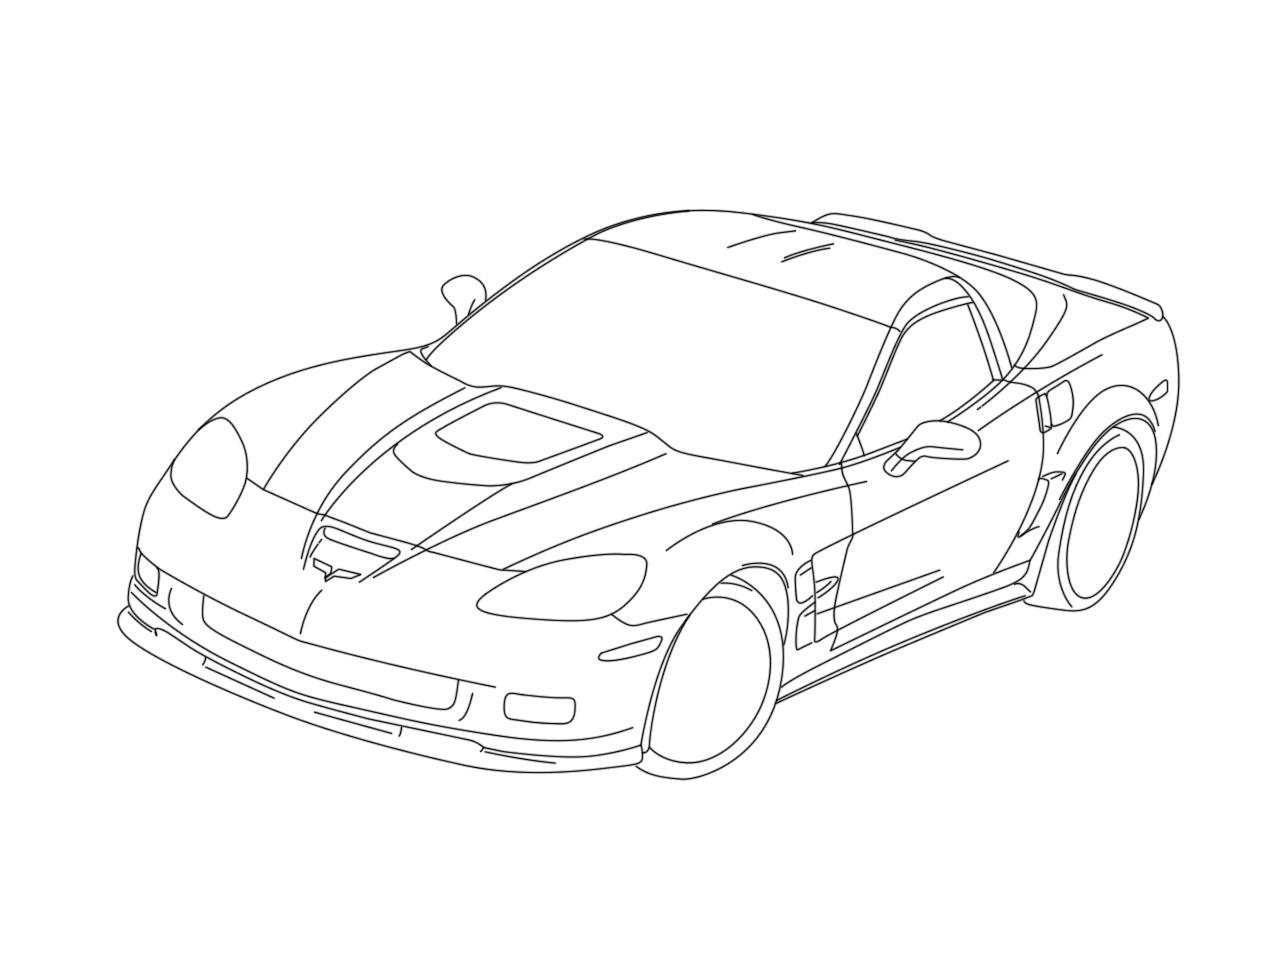 Evs Chevrolet Corvette Coloring Page Corvette Car